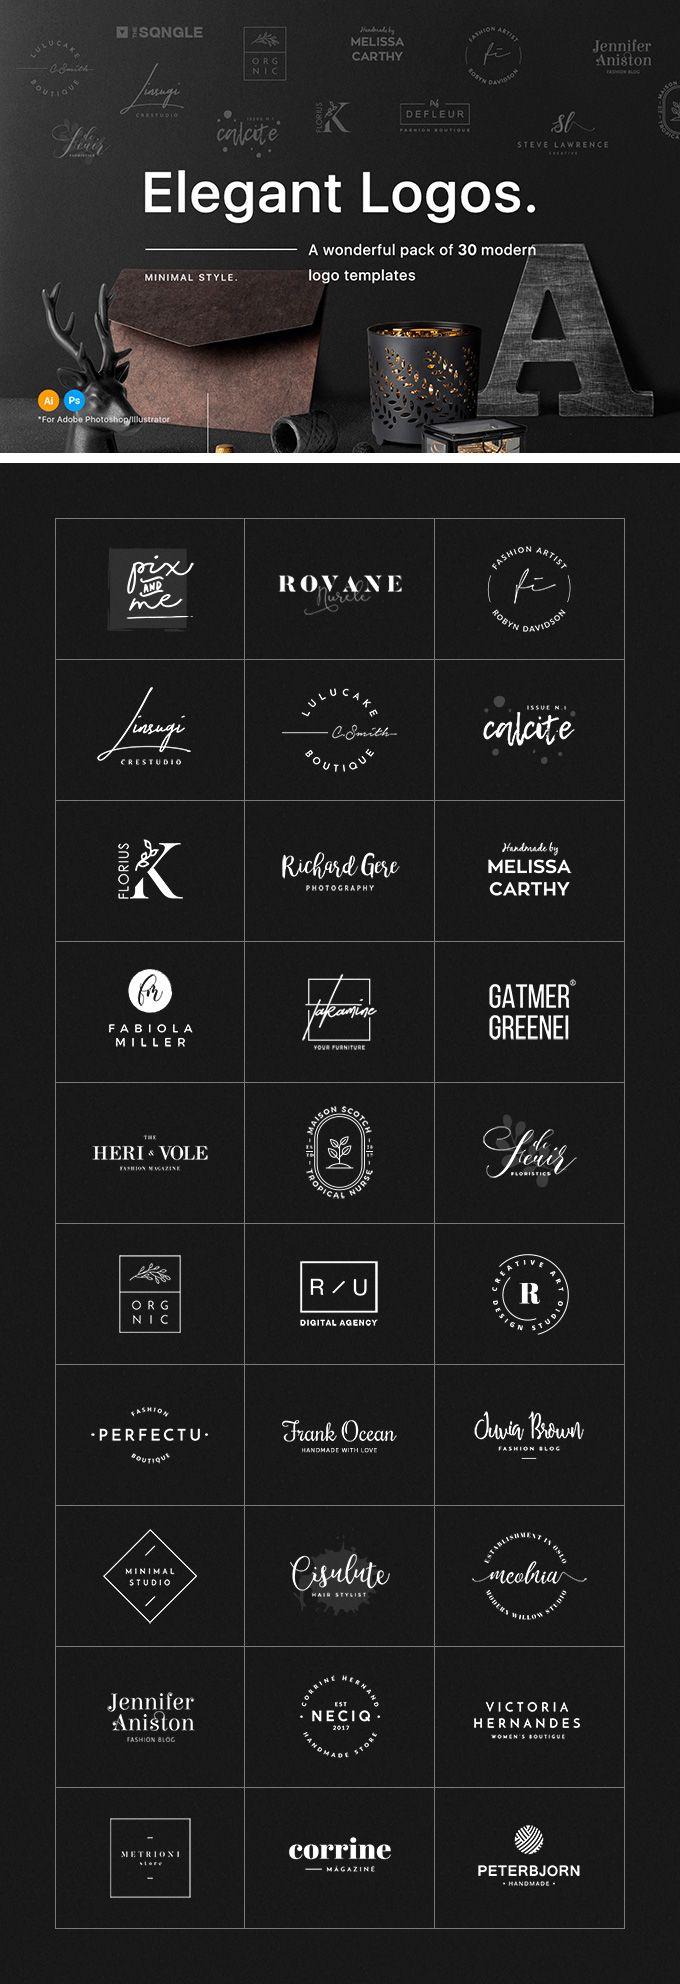 30 Elegant Logo Templates - download freebie by PixelBuddha